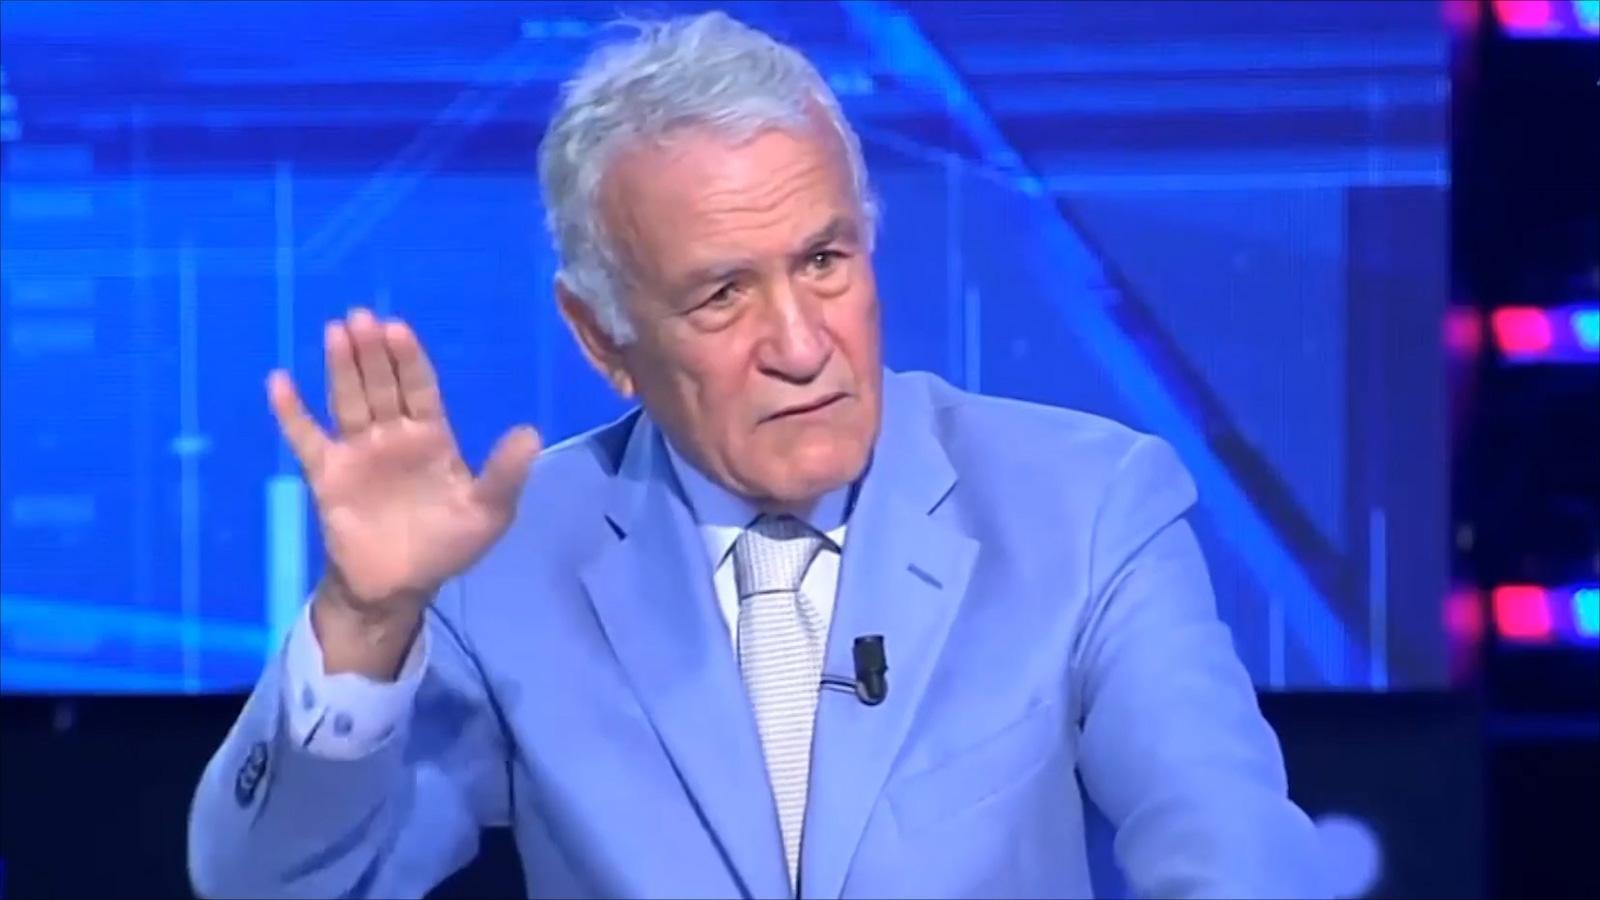 عمر صحابو يكشف: الامارات تسعى الى القضاء على التجربة الديمقراطية التونسية!!